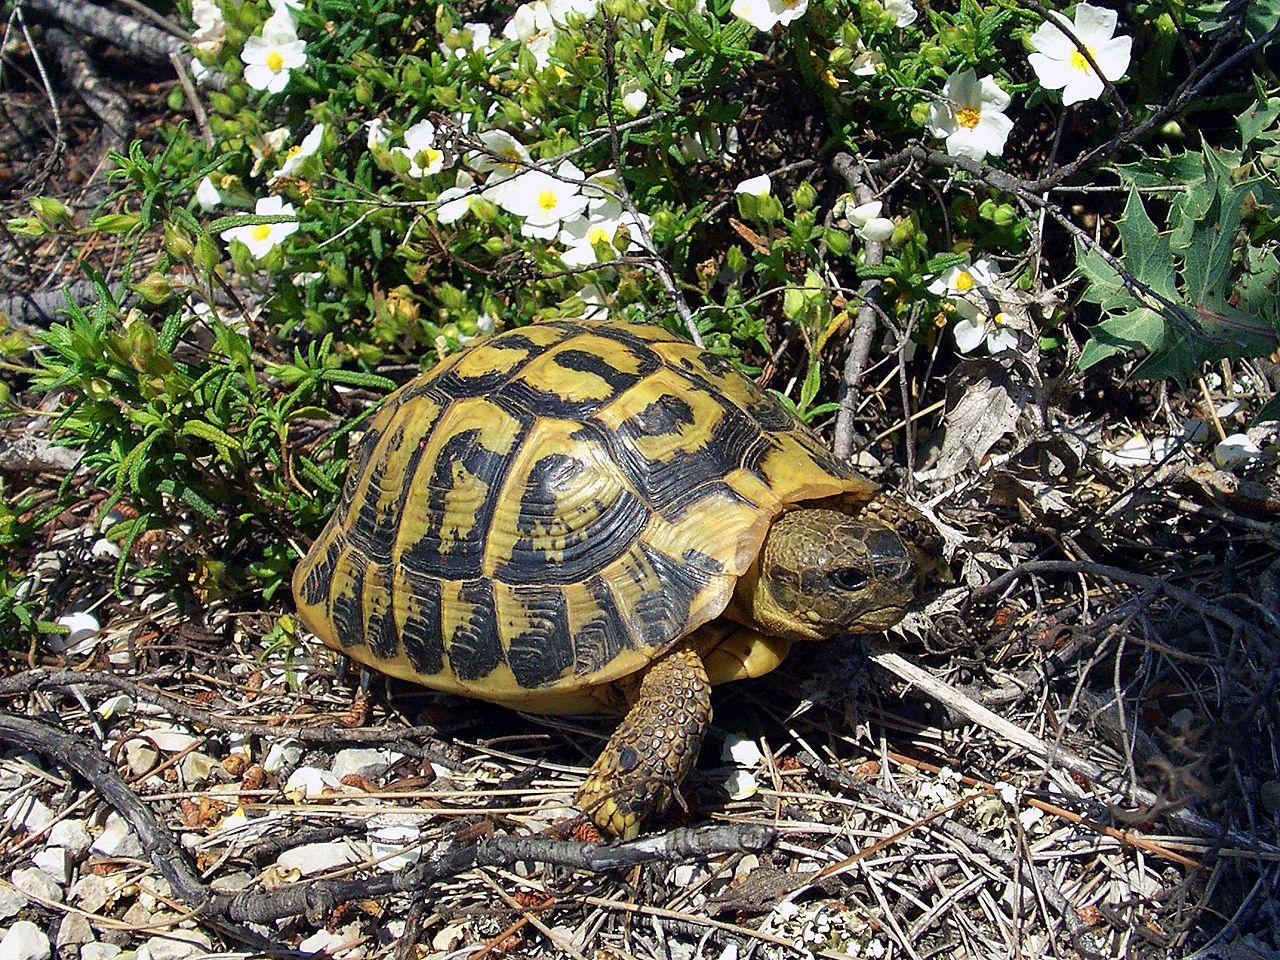 Come Si Chiama Il Guscio Della Tartaruga.Testudo Hermanni Wikipedia